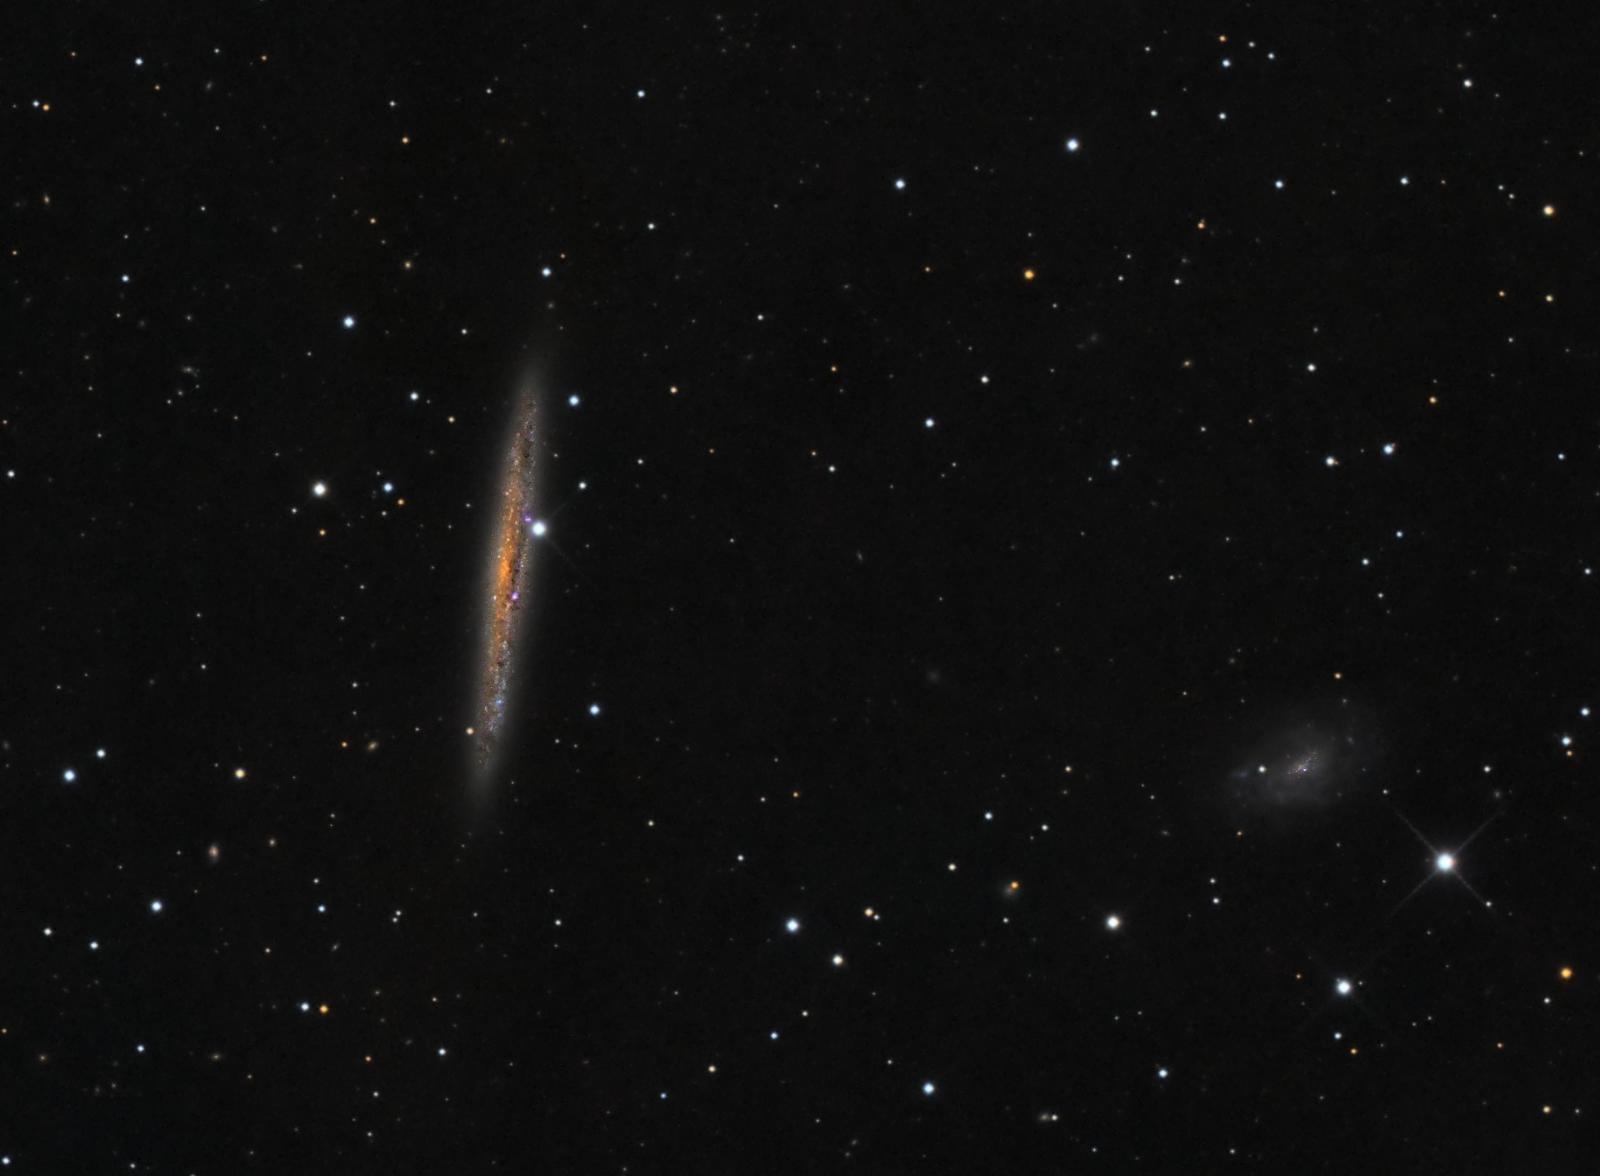 NGC4517